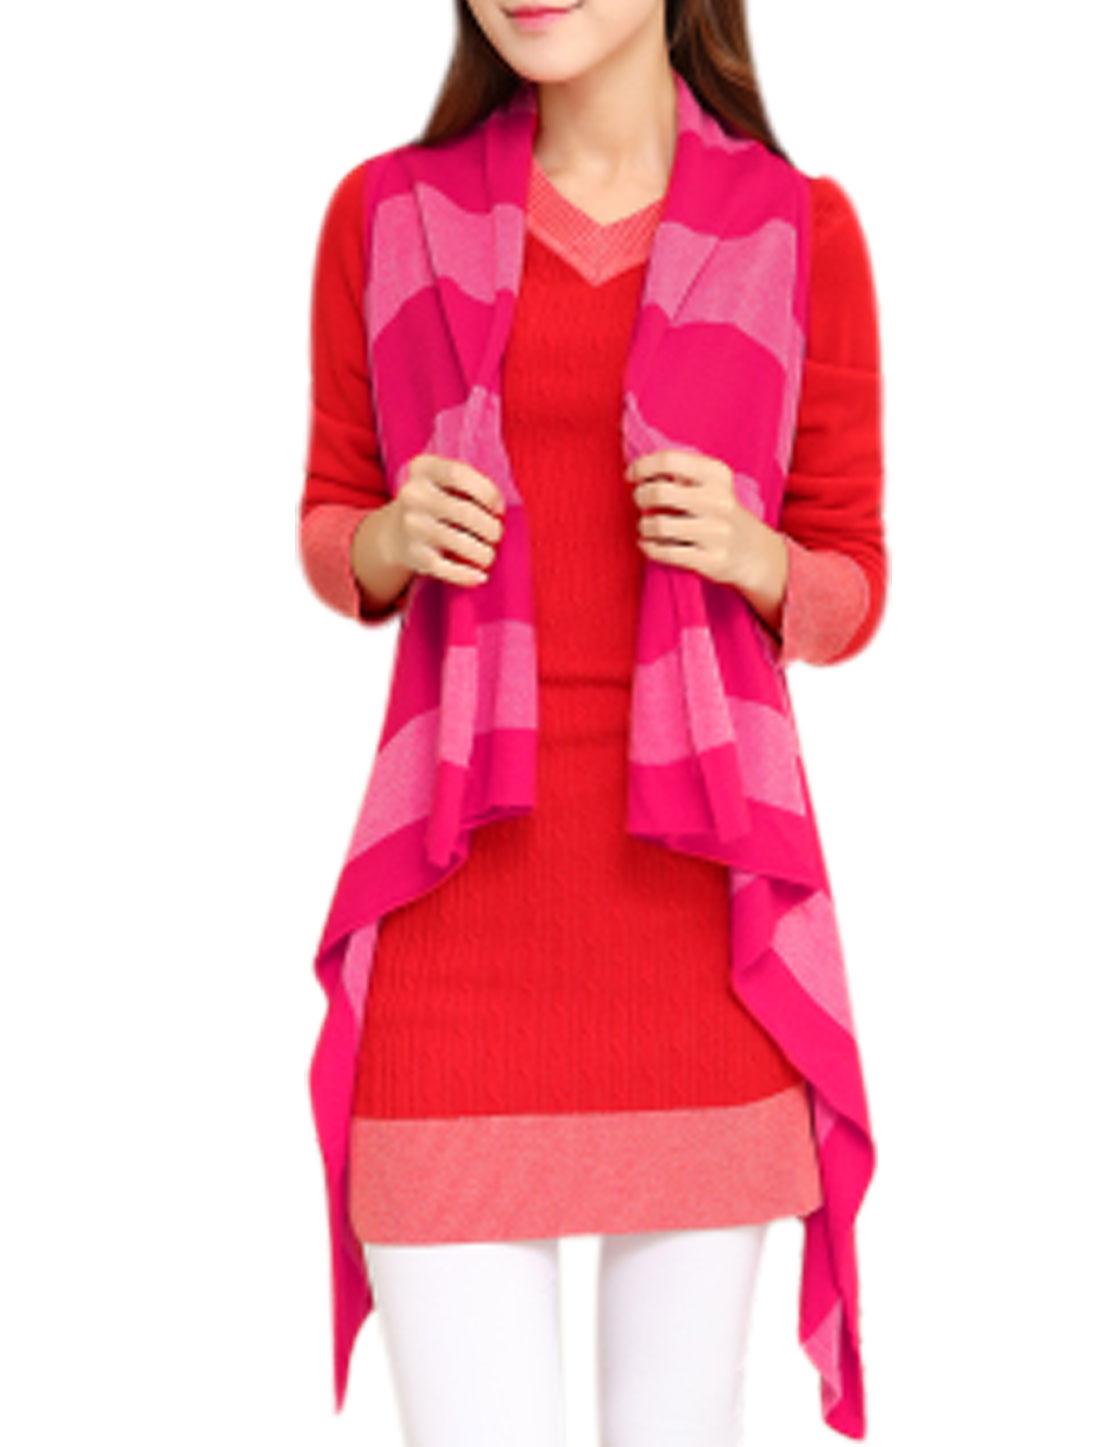 Ladies Shawl Collar Stripes Irregular Hem Fuchsia Knitting Vest XS